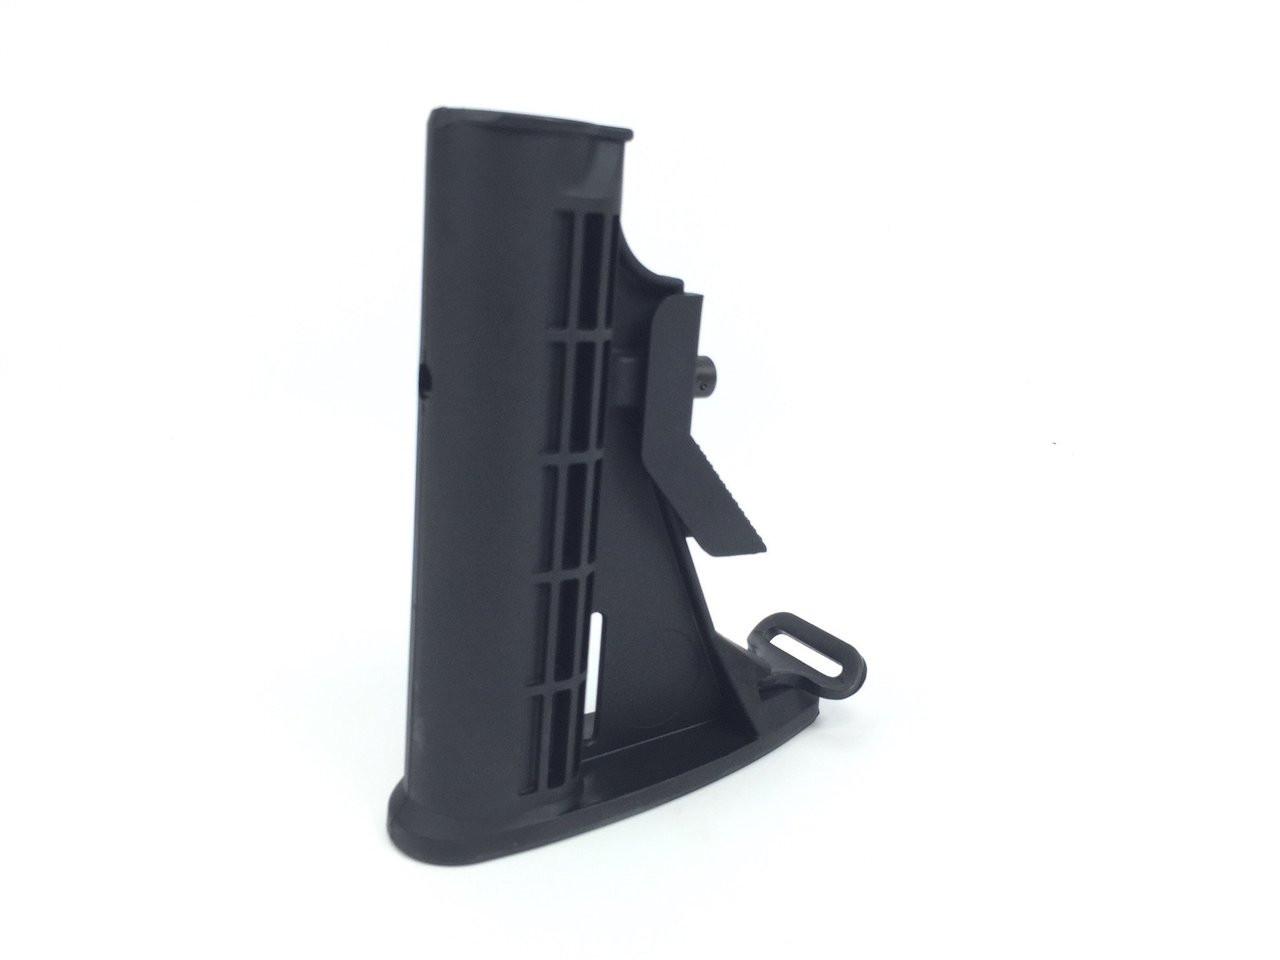 M4 USGI Adjustable Stock